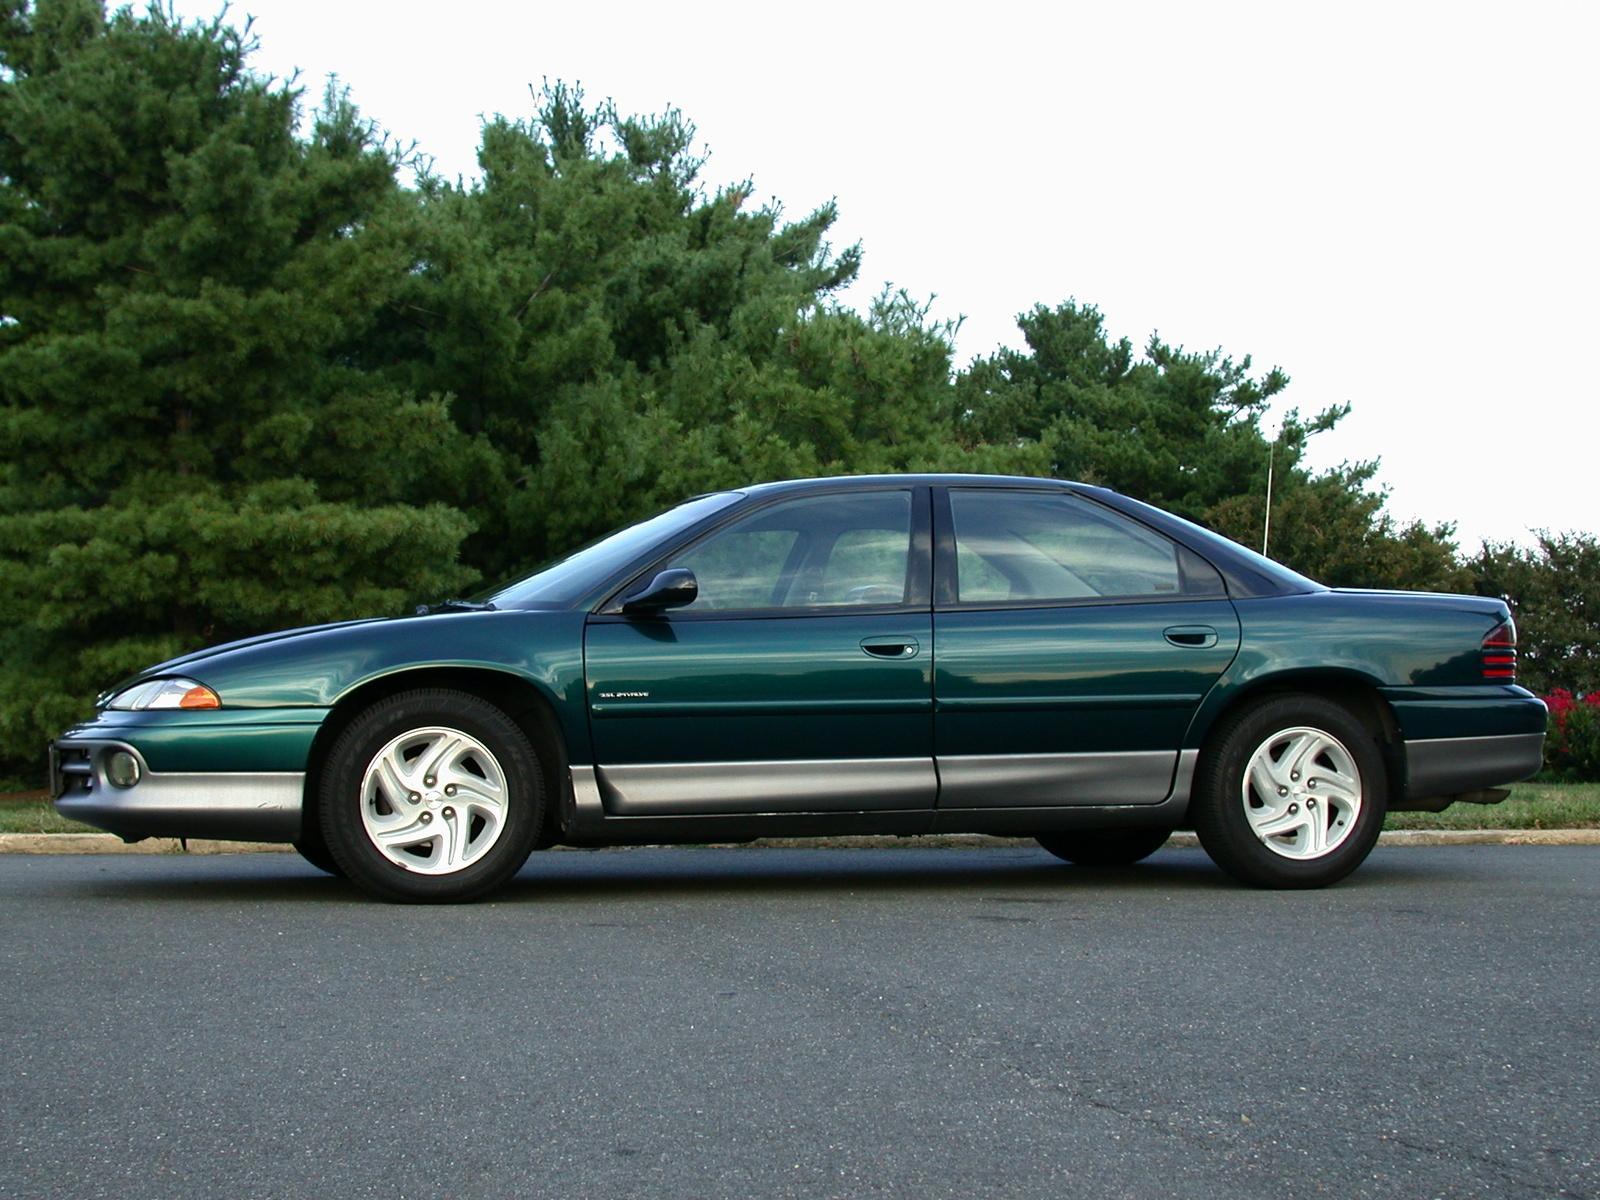 Diagram Of Motor 1994 Intrepid Expert Schematics 2002 Dodge Fuse 1600px Image 6 Block